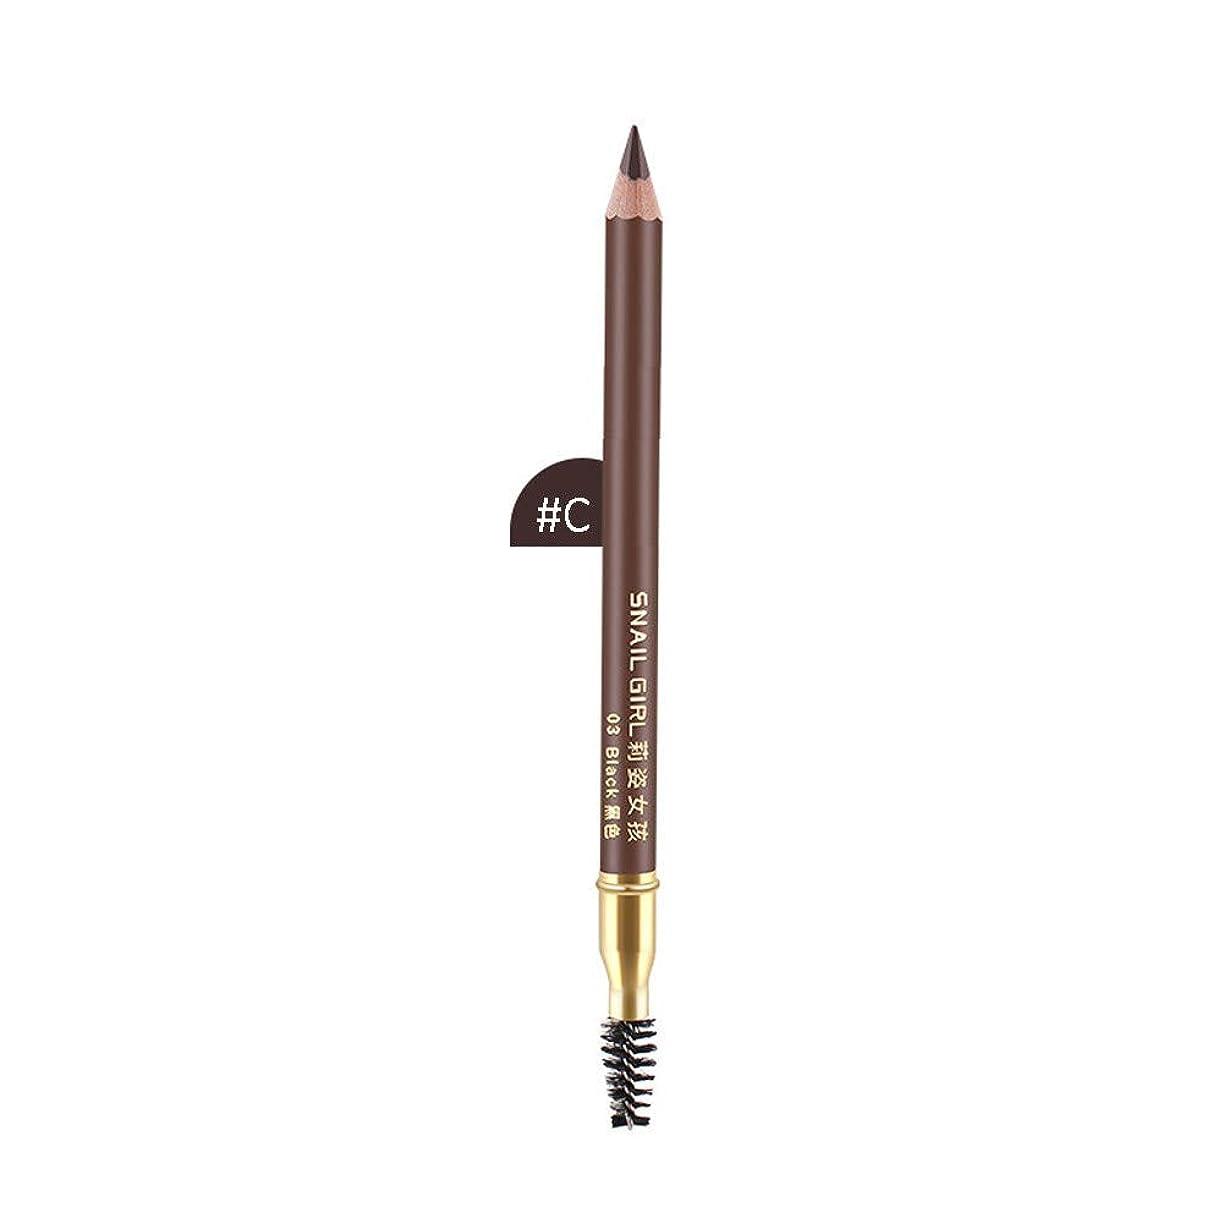 チャンスシングル接地化粧品の眉毛の鉛筆の防水自然で長続きがする眉ライナーの構造